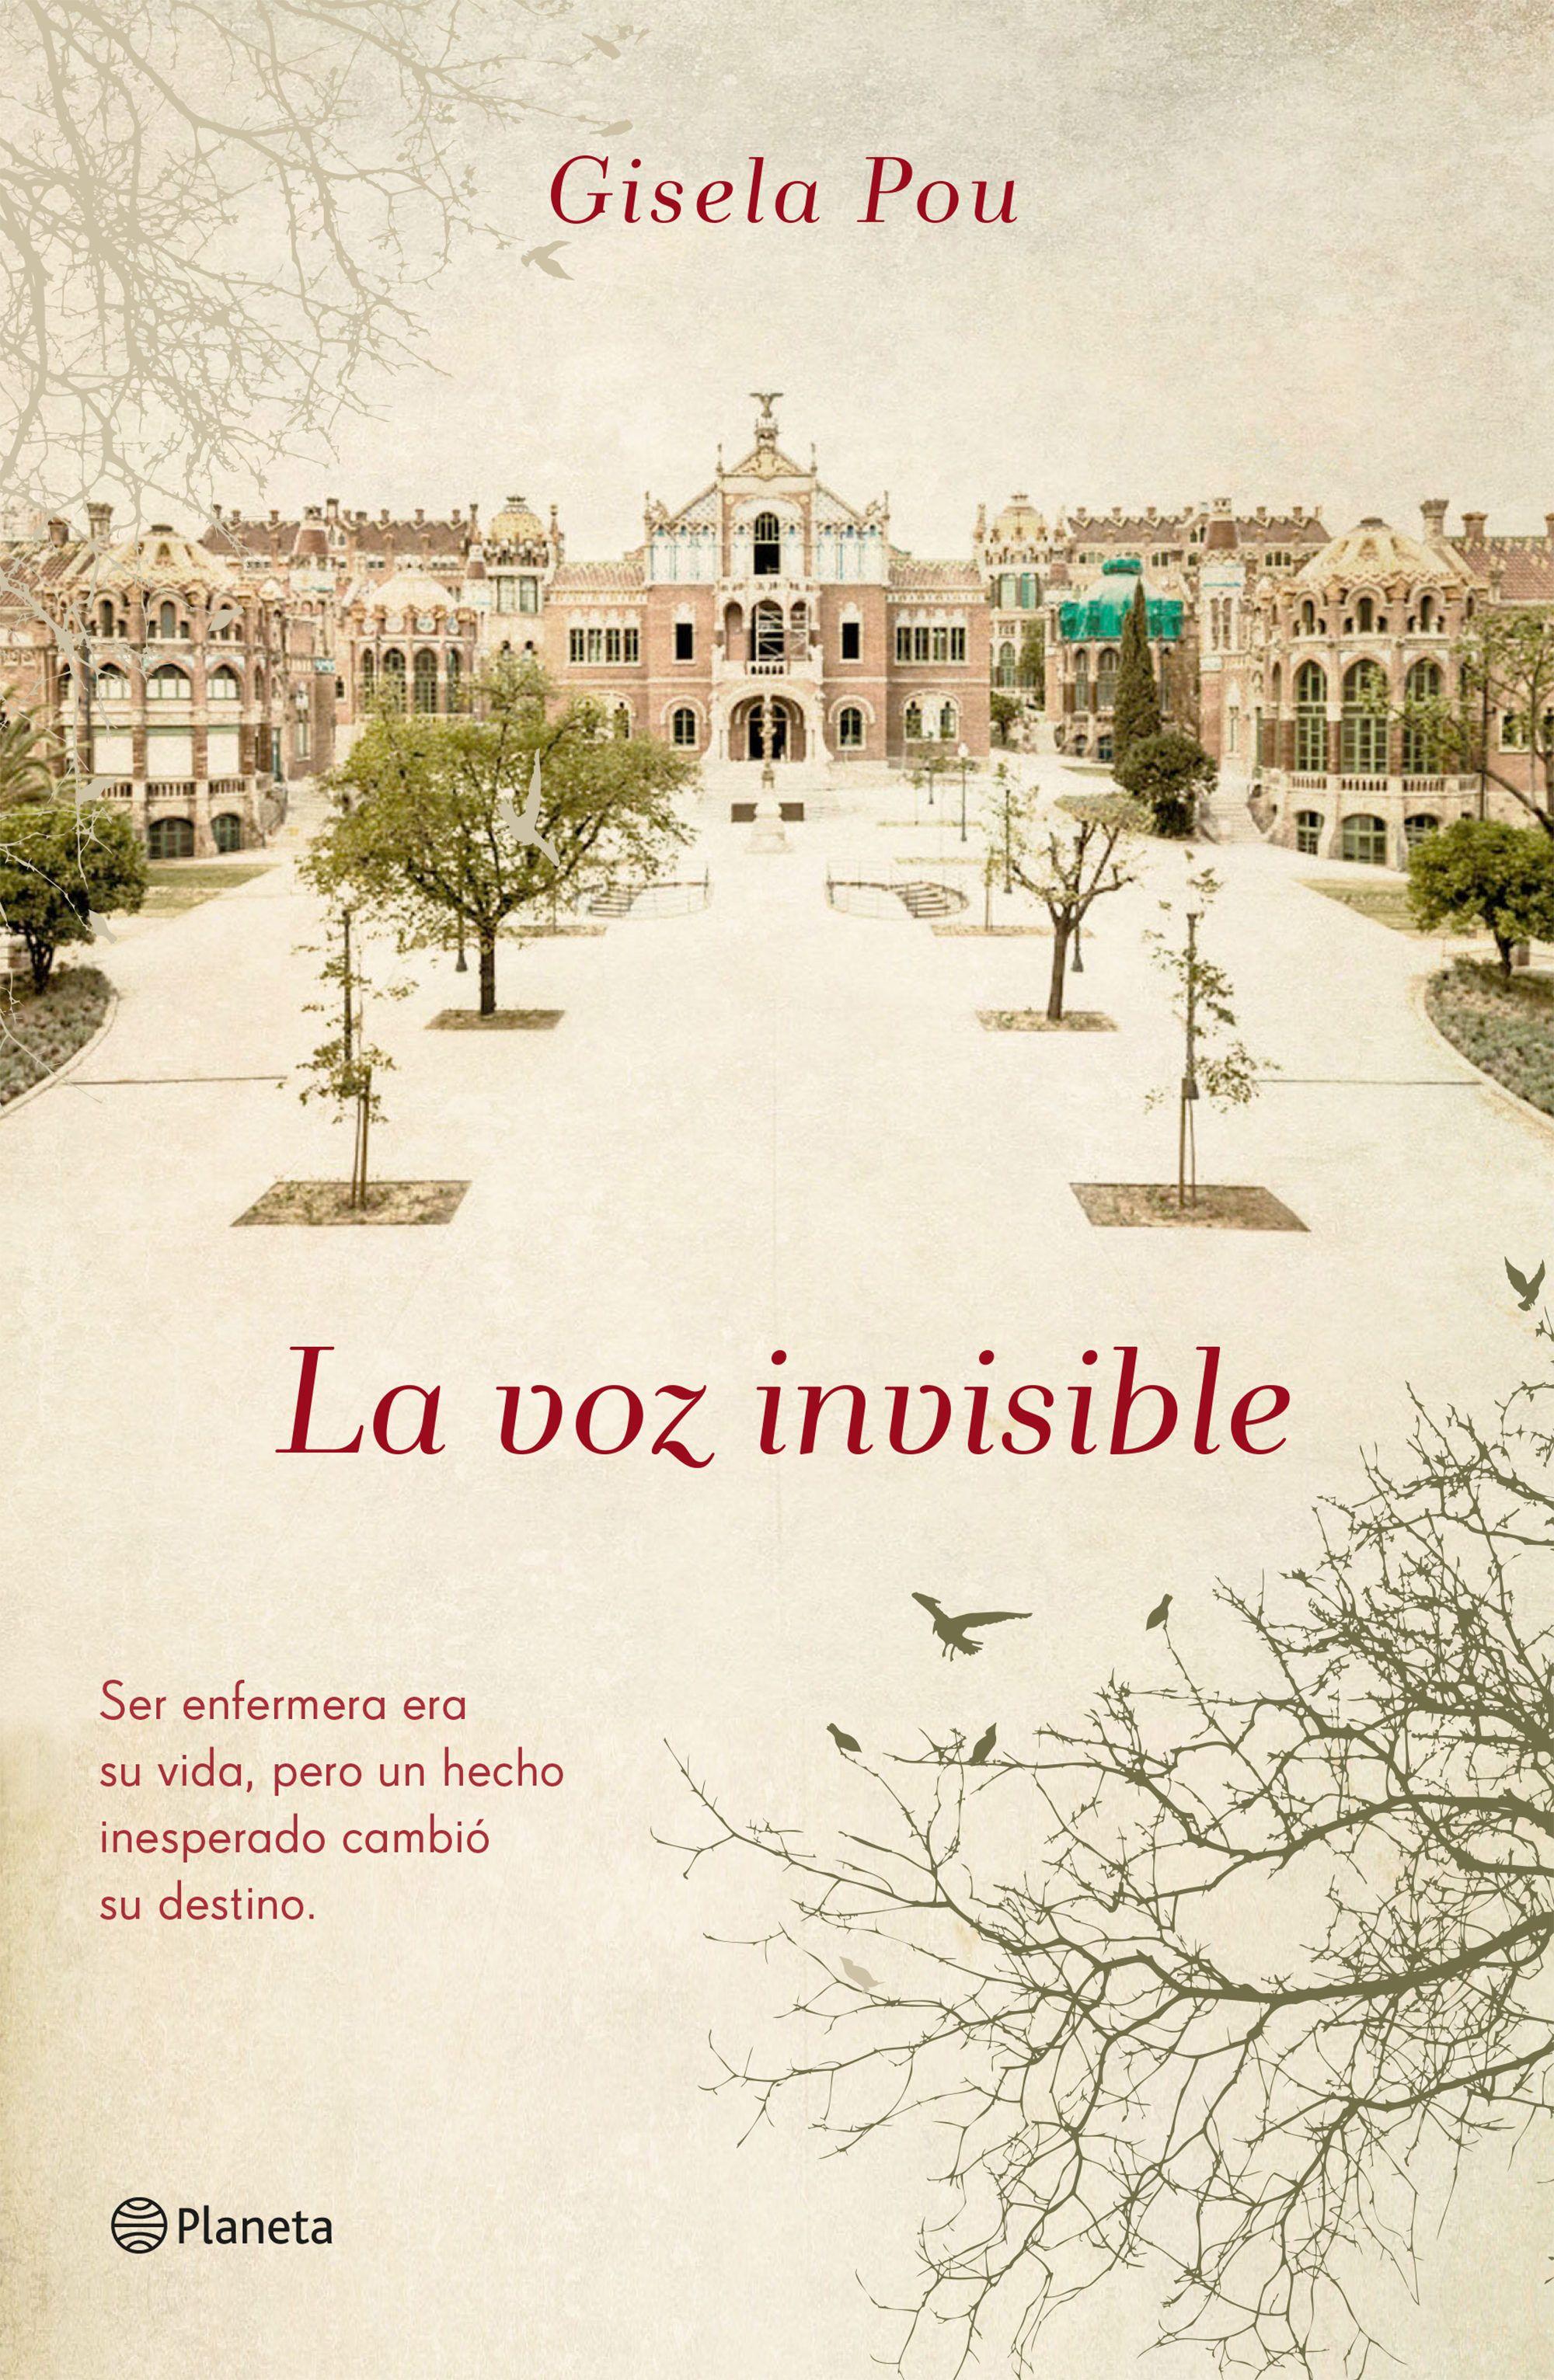 Voz invisible, La